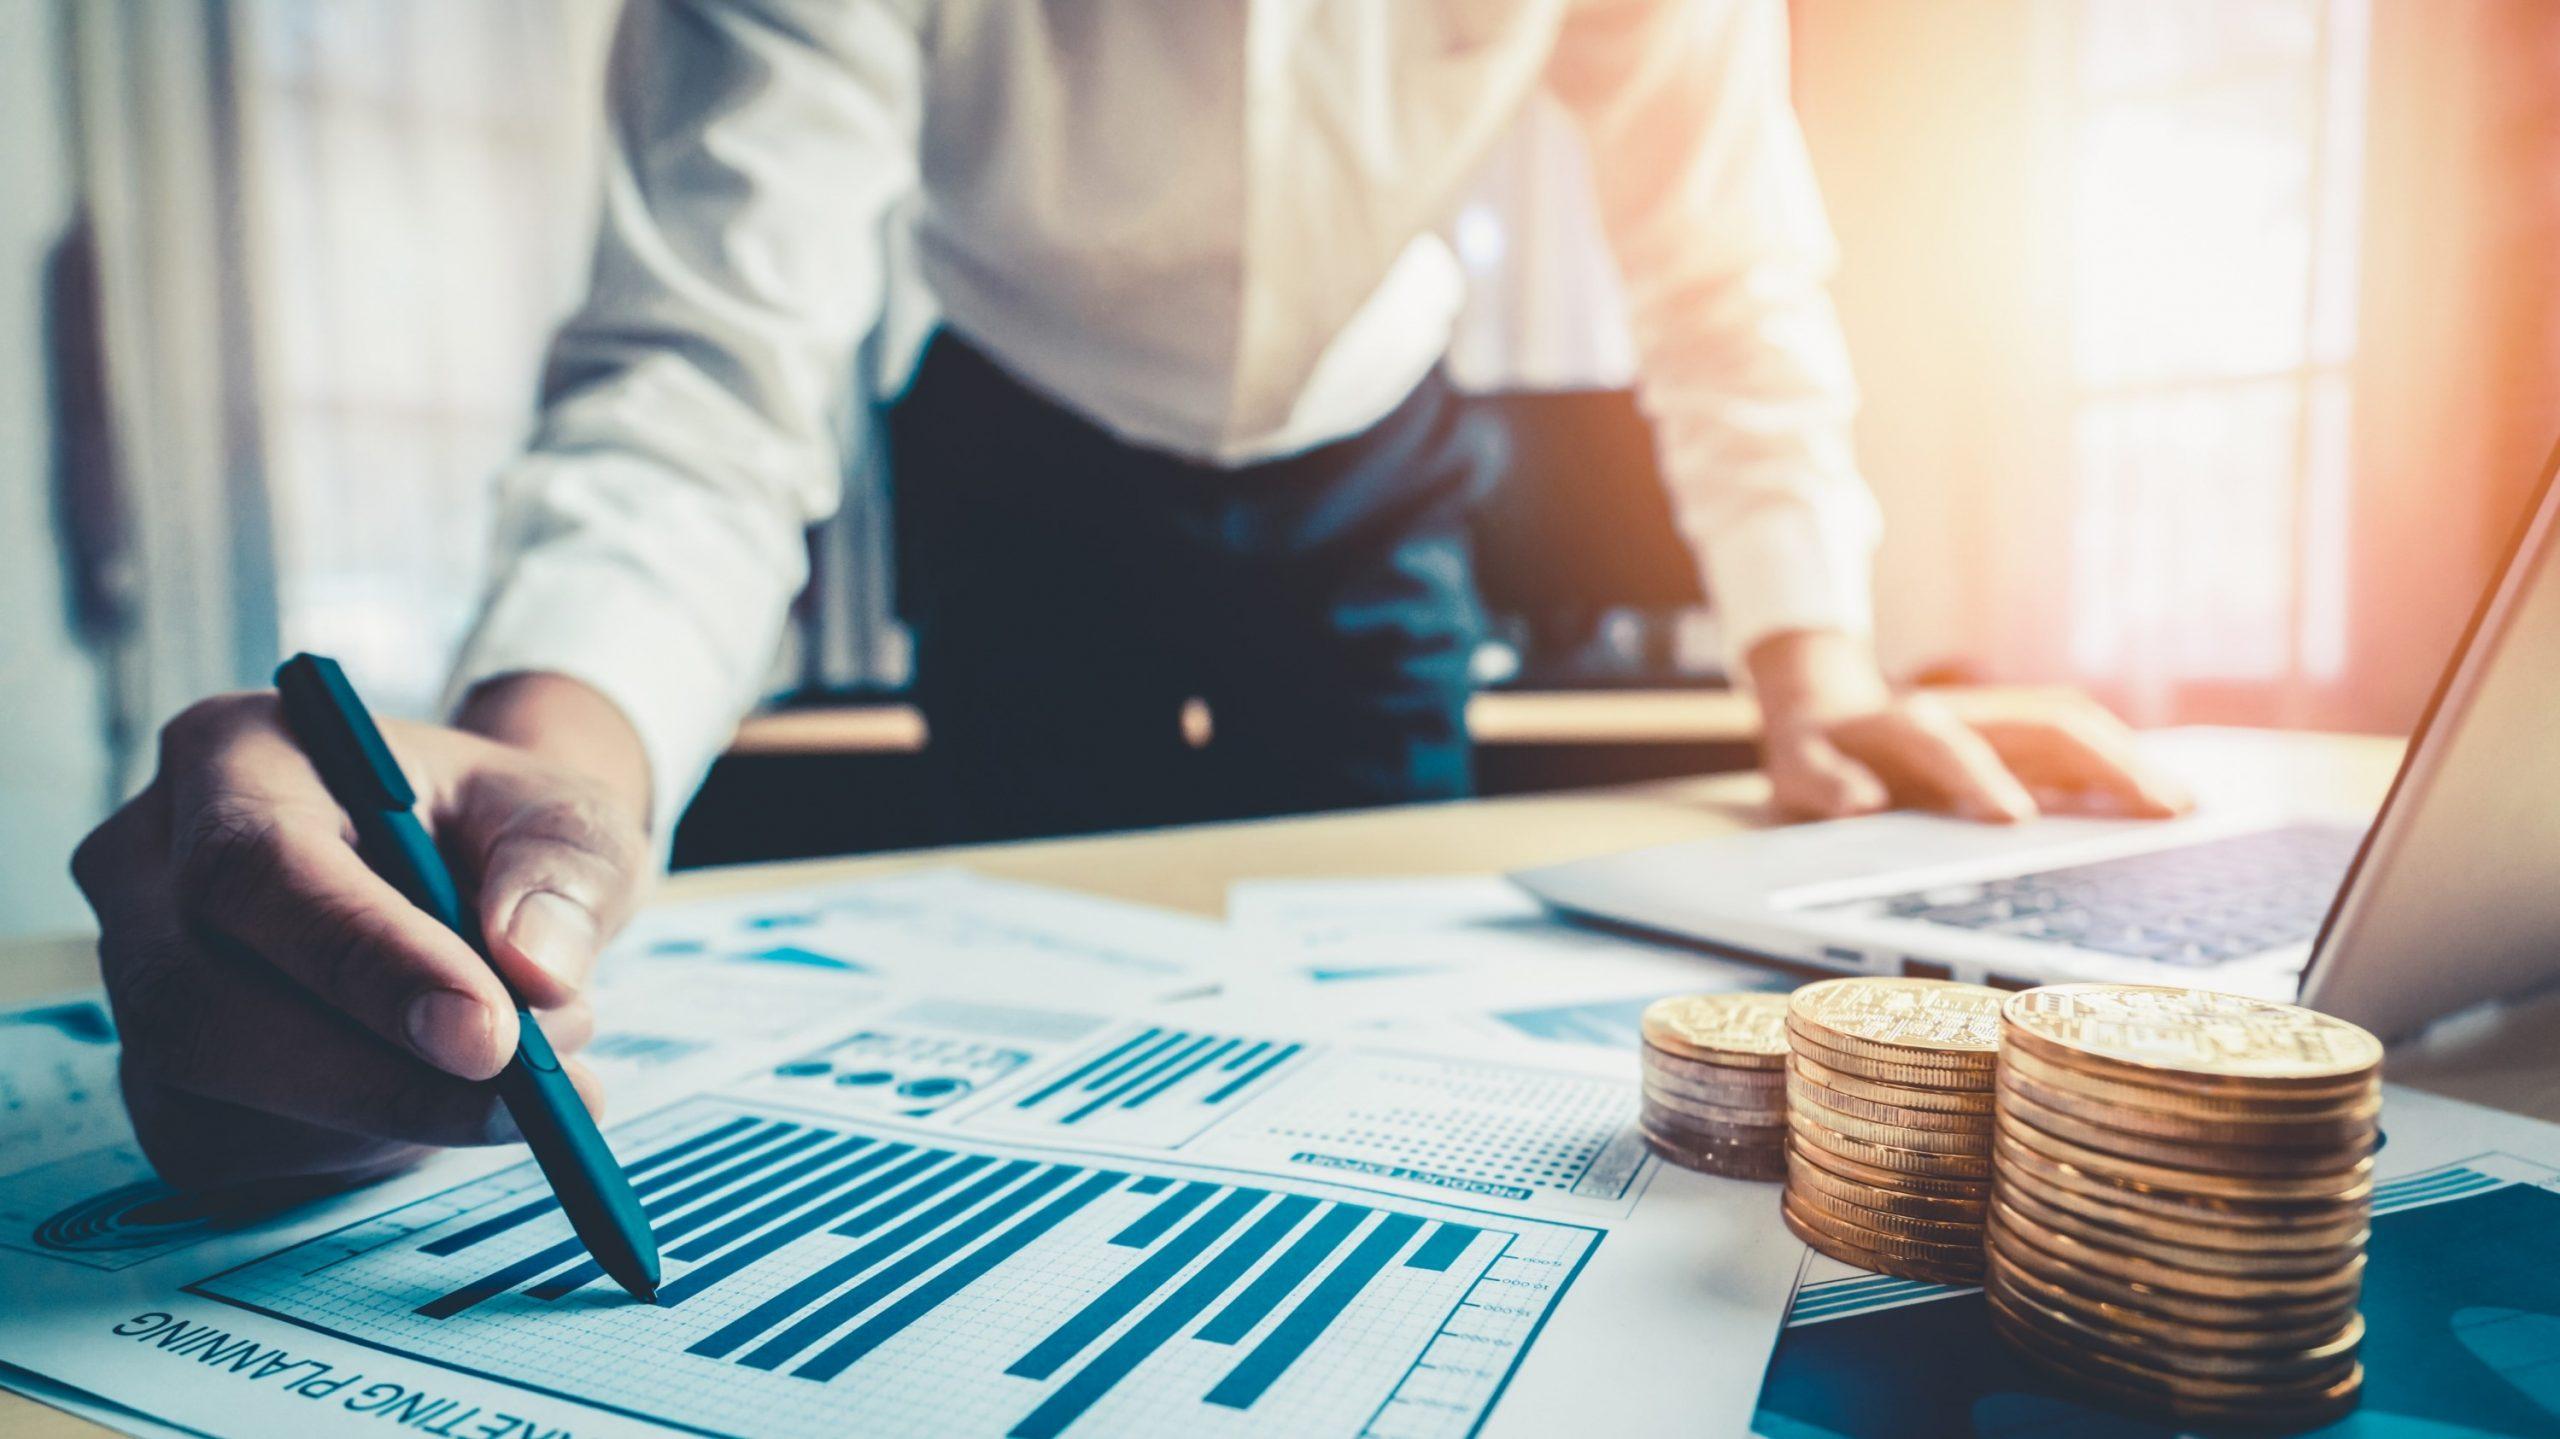 Lãnh đạo cần có sự tính toán chuẩn xác về  lương thưởng để phù hợp với tình hình thực tế của doanh nghiệp